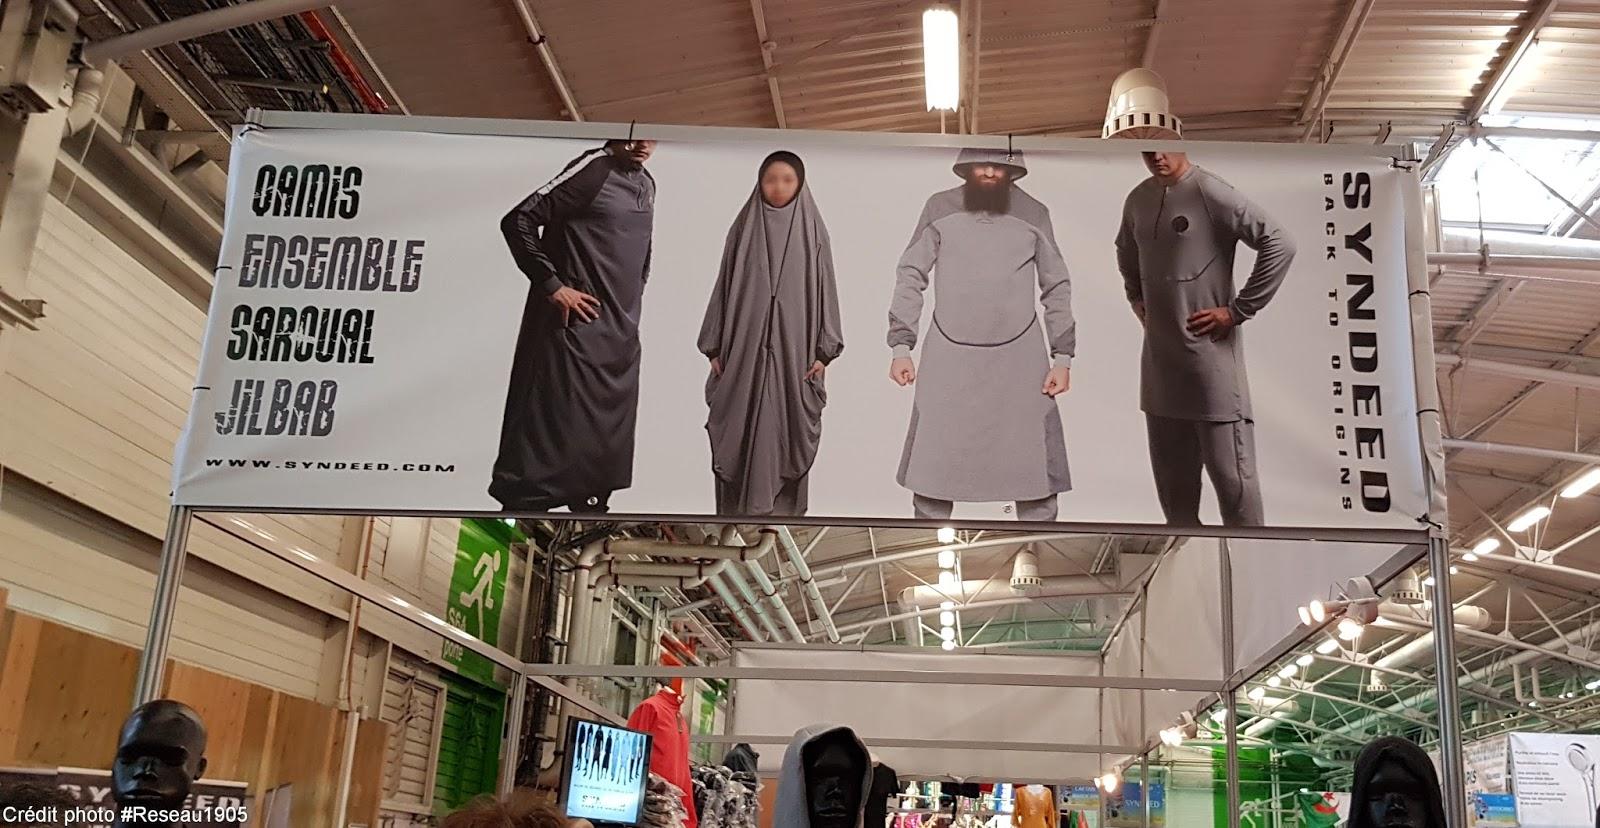 Un islamiste rencontre une femme en short. La datation.